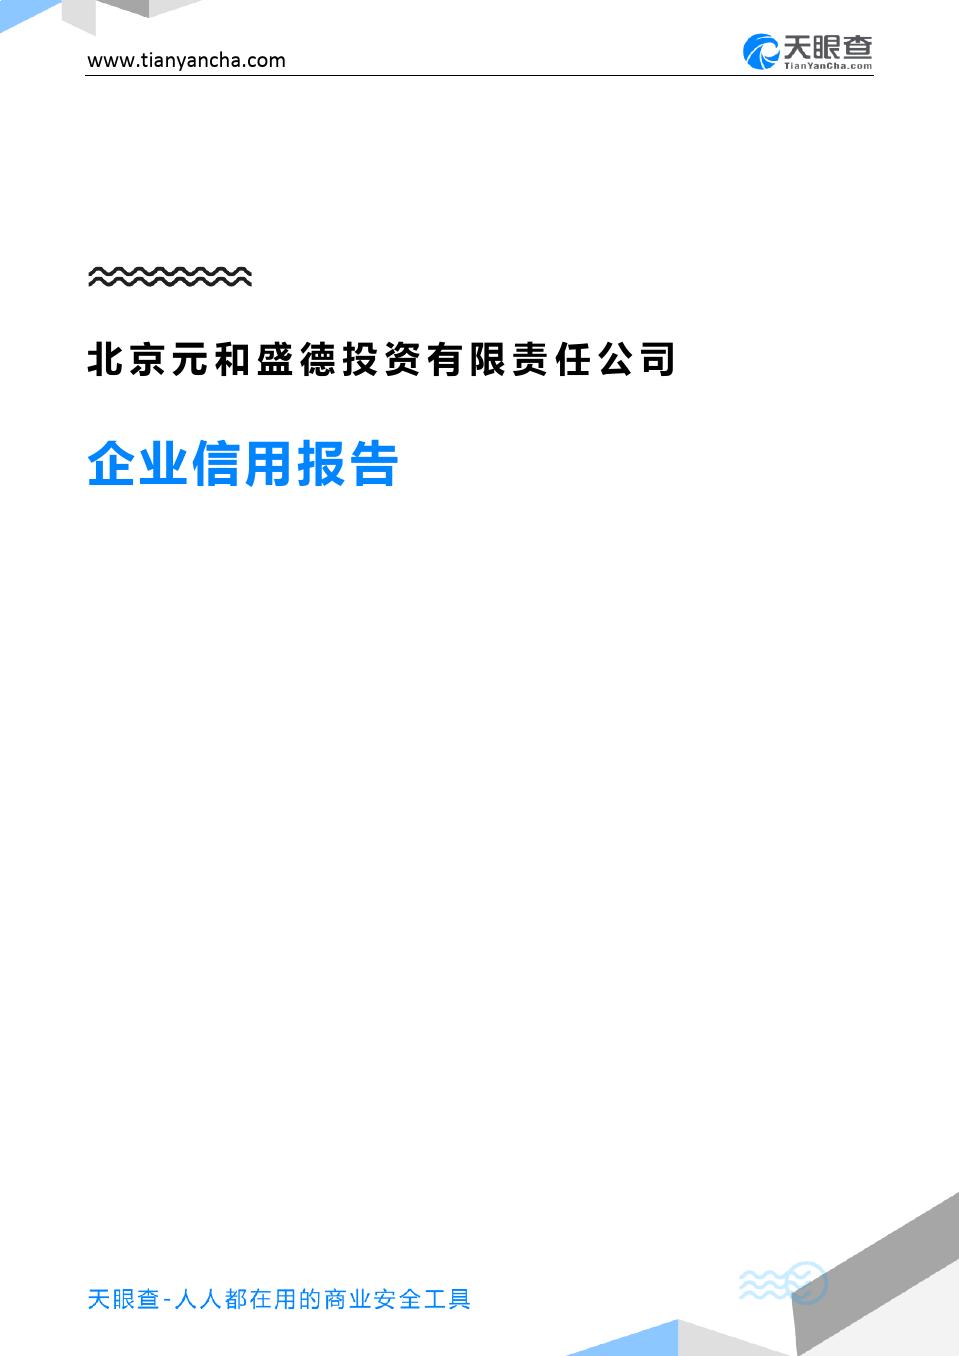 北京元和盛德投资有限责任公司(企业信用报告)- 天眼查